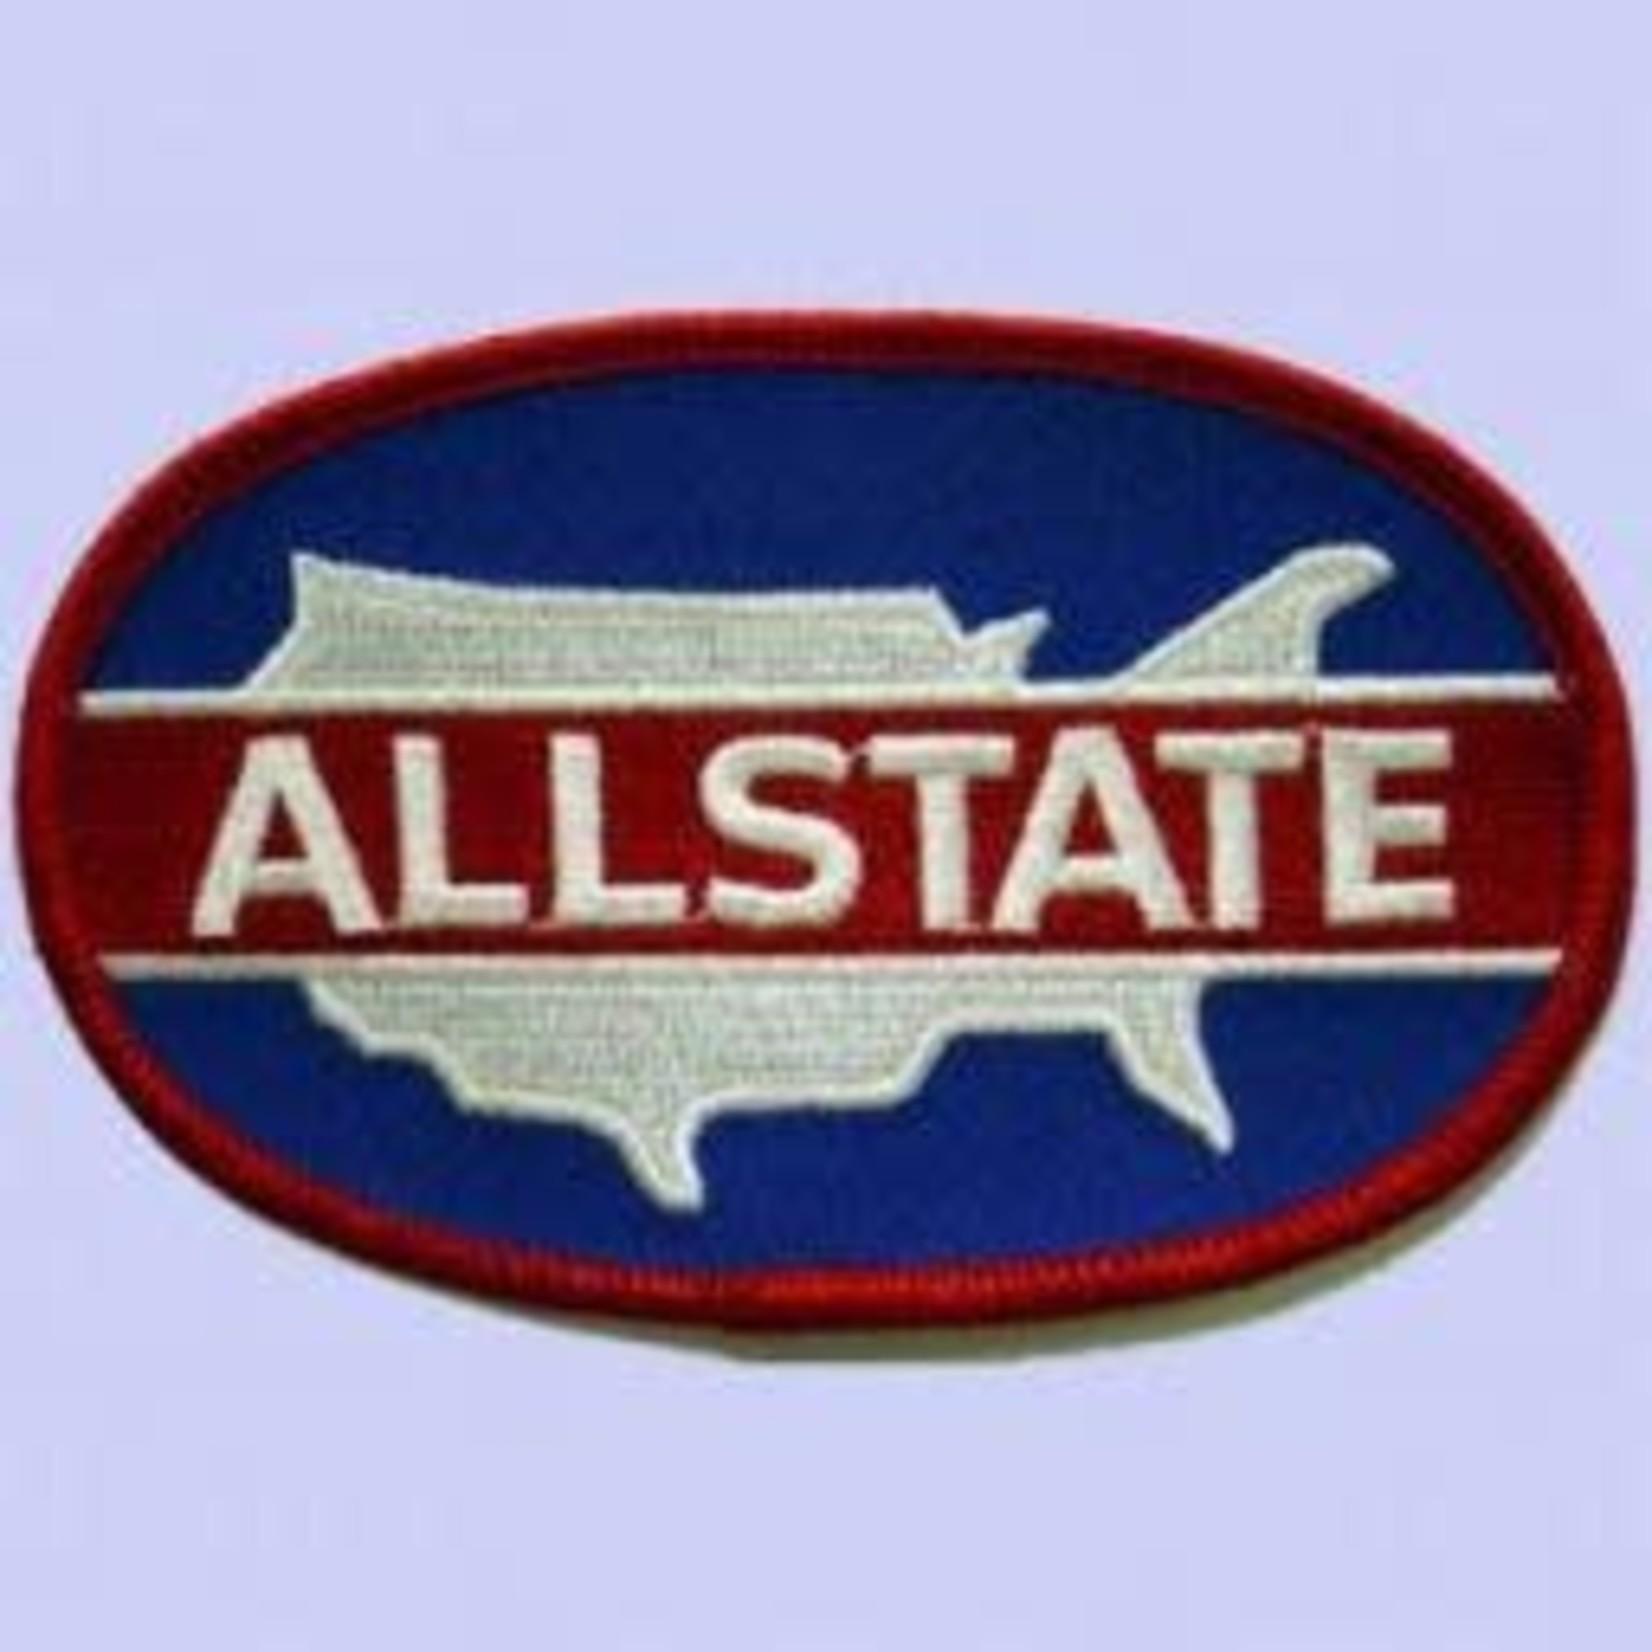 Lifestyle Patch, Vespa Allstate